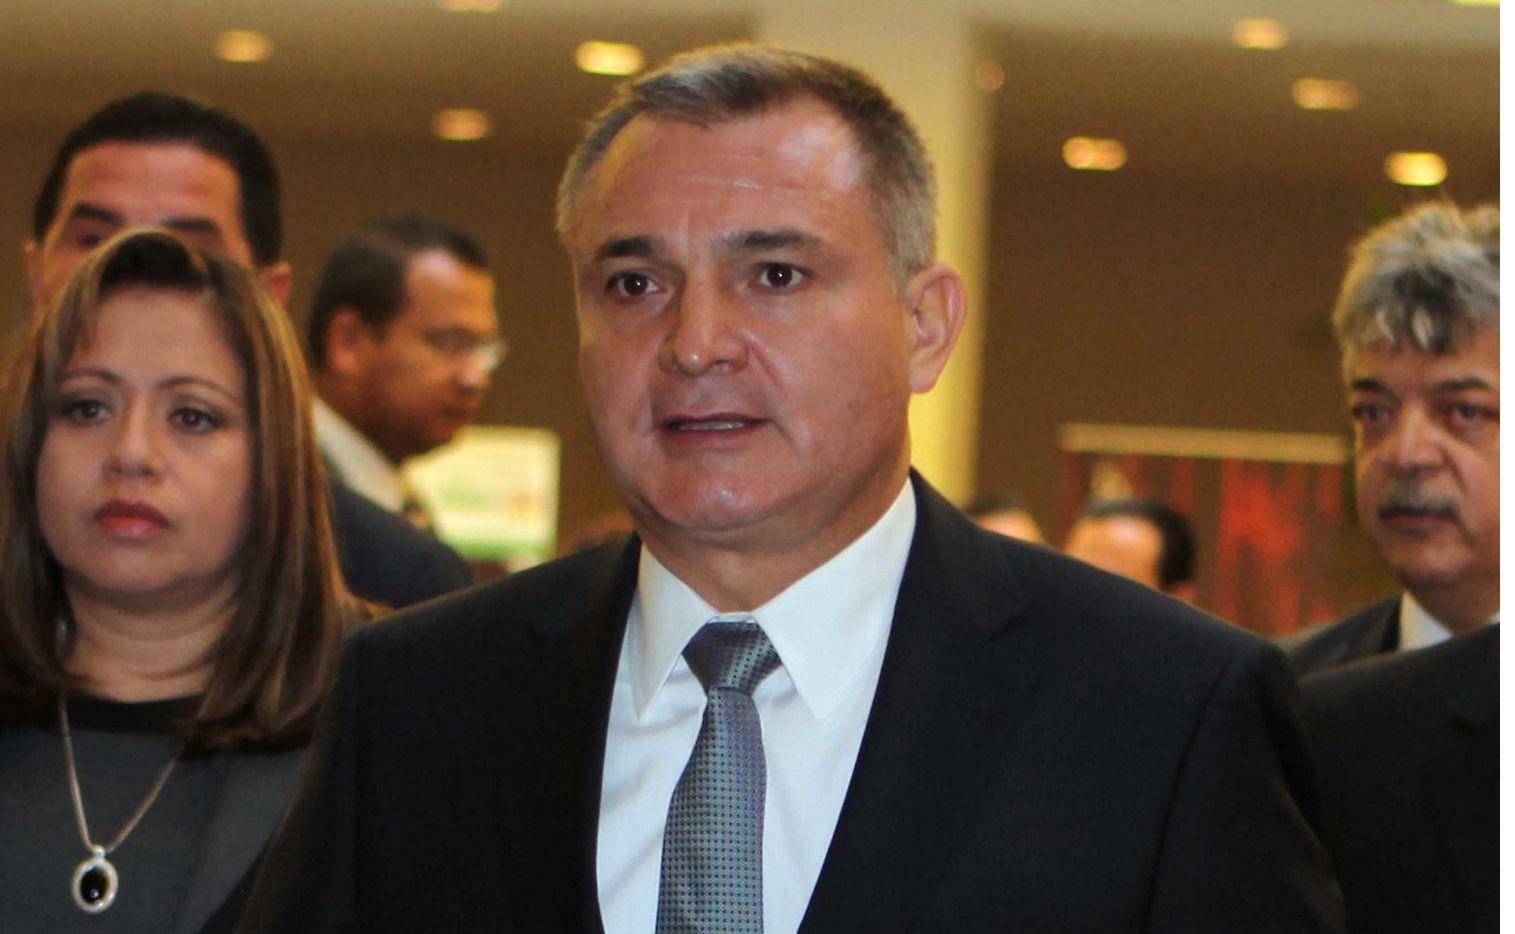 FGR aseguró tres propiedades de Genaro García Luna, los cuales podrían derivar del presunto enriquecimiento ilícito del ex funcionario.